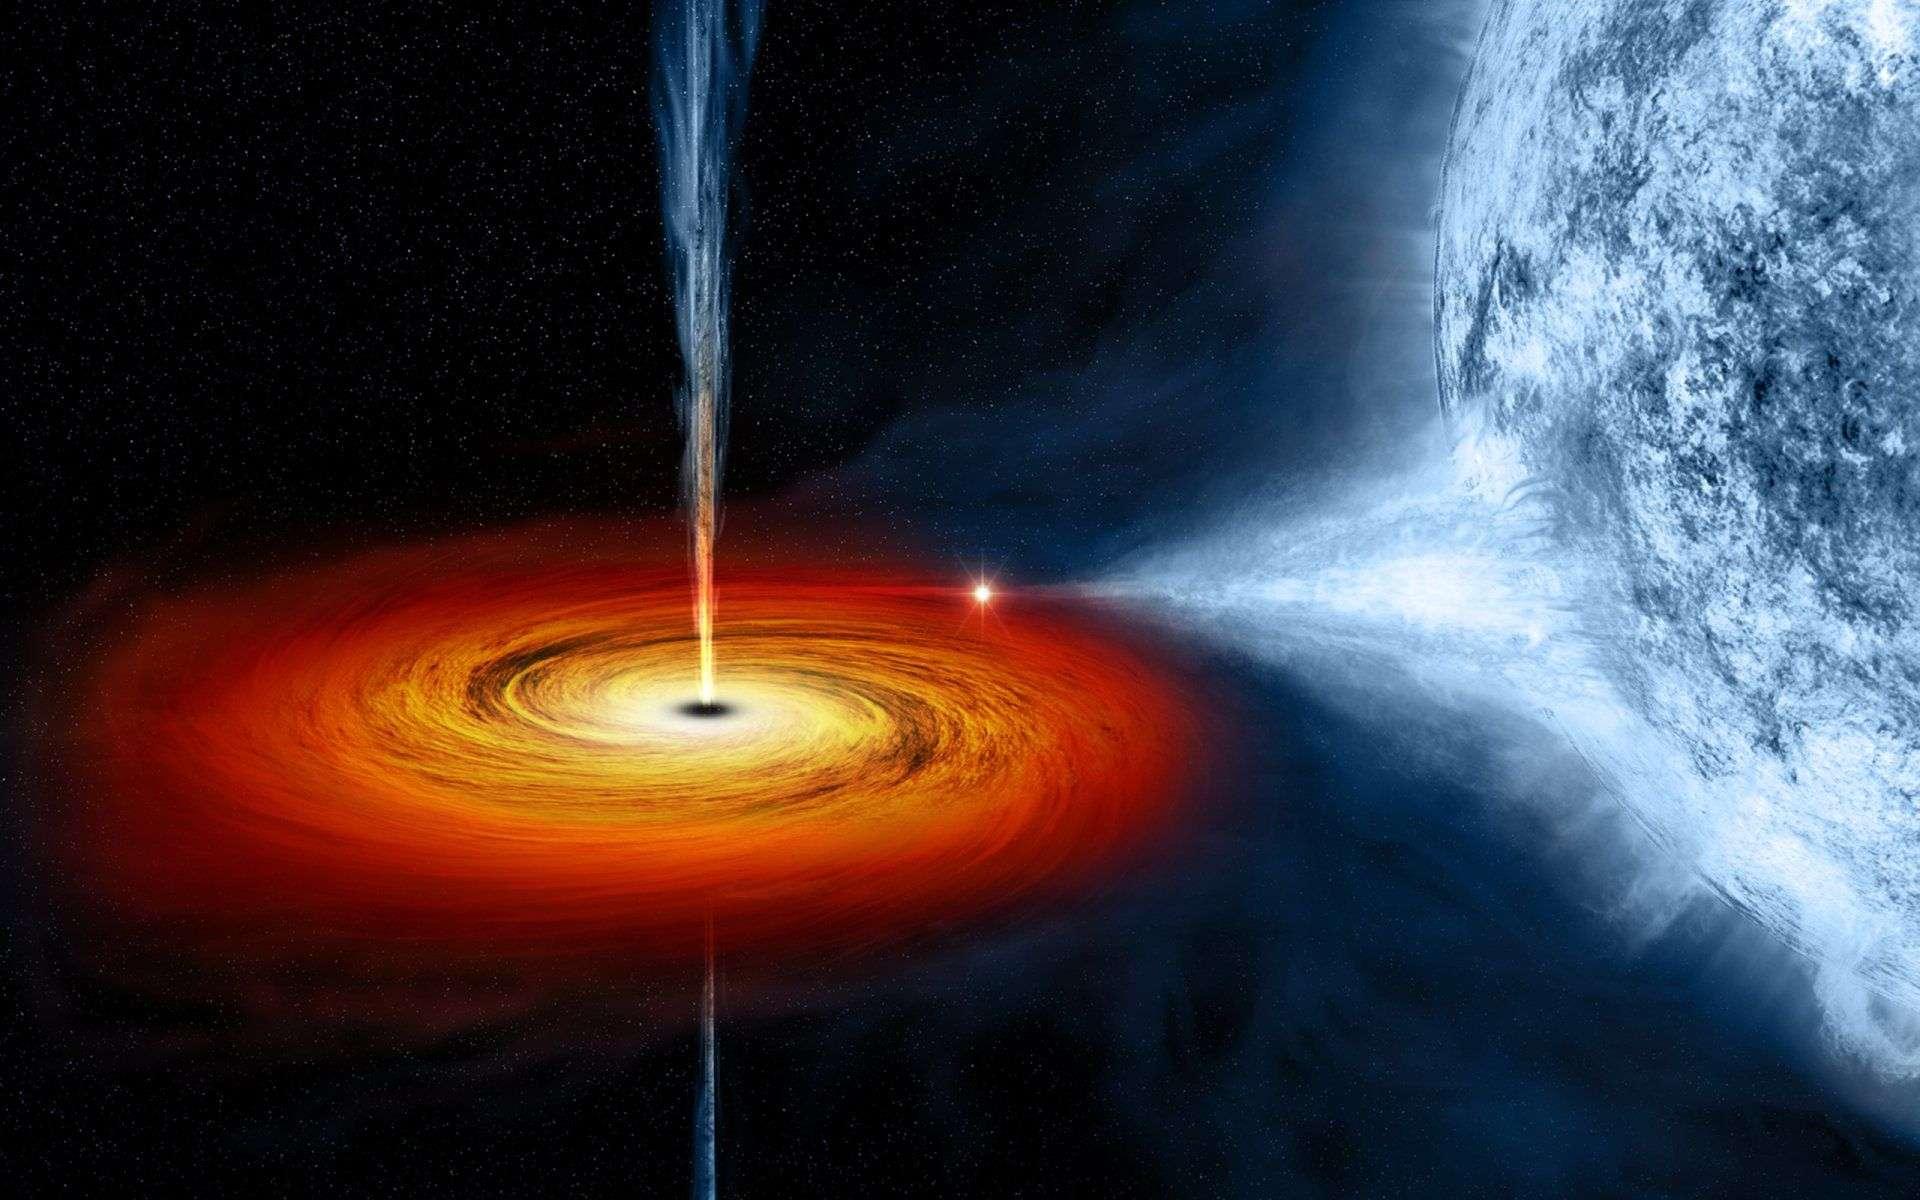 Une vue d'artiste d'un trou noir stellaire avec le disque d'accrétion qu'il arrache avec ses forces de marée à une étoile compagne. Une partie de la matière accrétée ne traverse pas l'horizon des événements et est éjectée sous forme de jets. © Nasa, CXC, M.Weiss